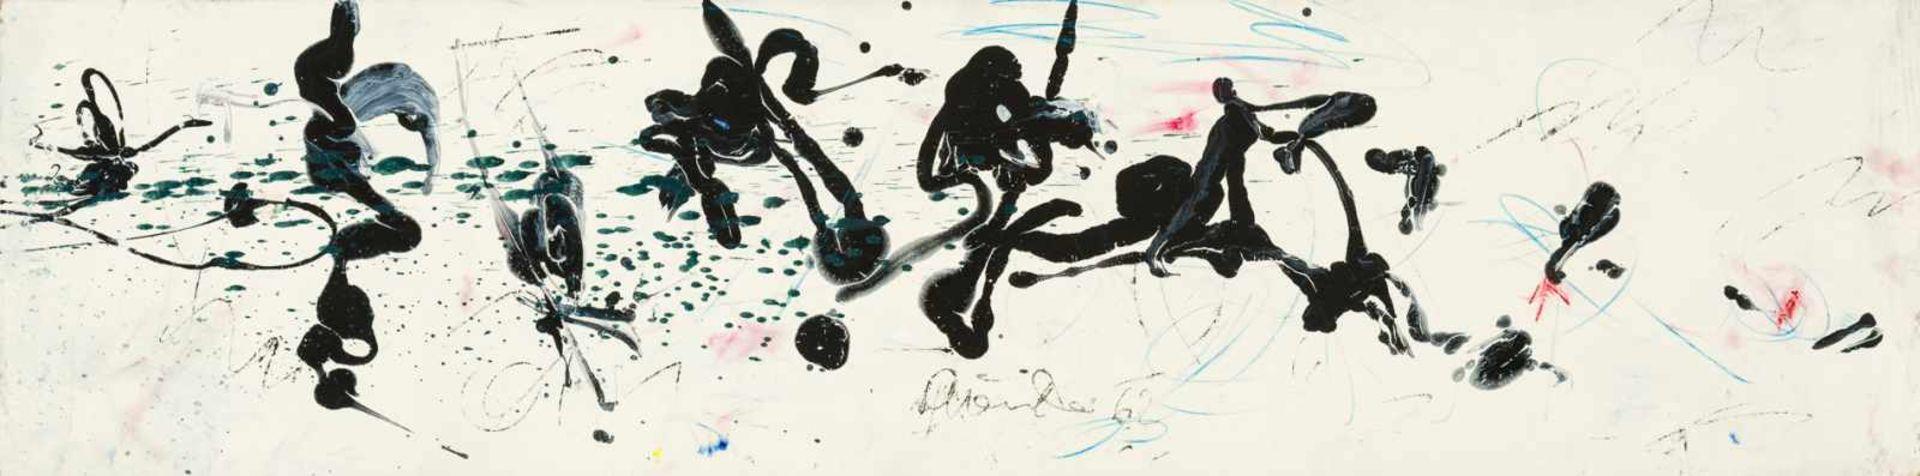 Los 16 - Hans Staudacher St. Urban 1923 geb. HAIKU Öl auf Platte 32,7 x 129,7 cm 1962 unten mittig signiert